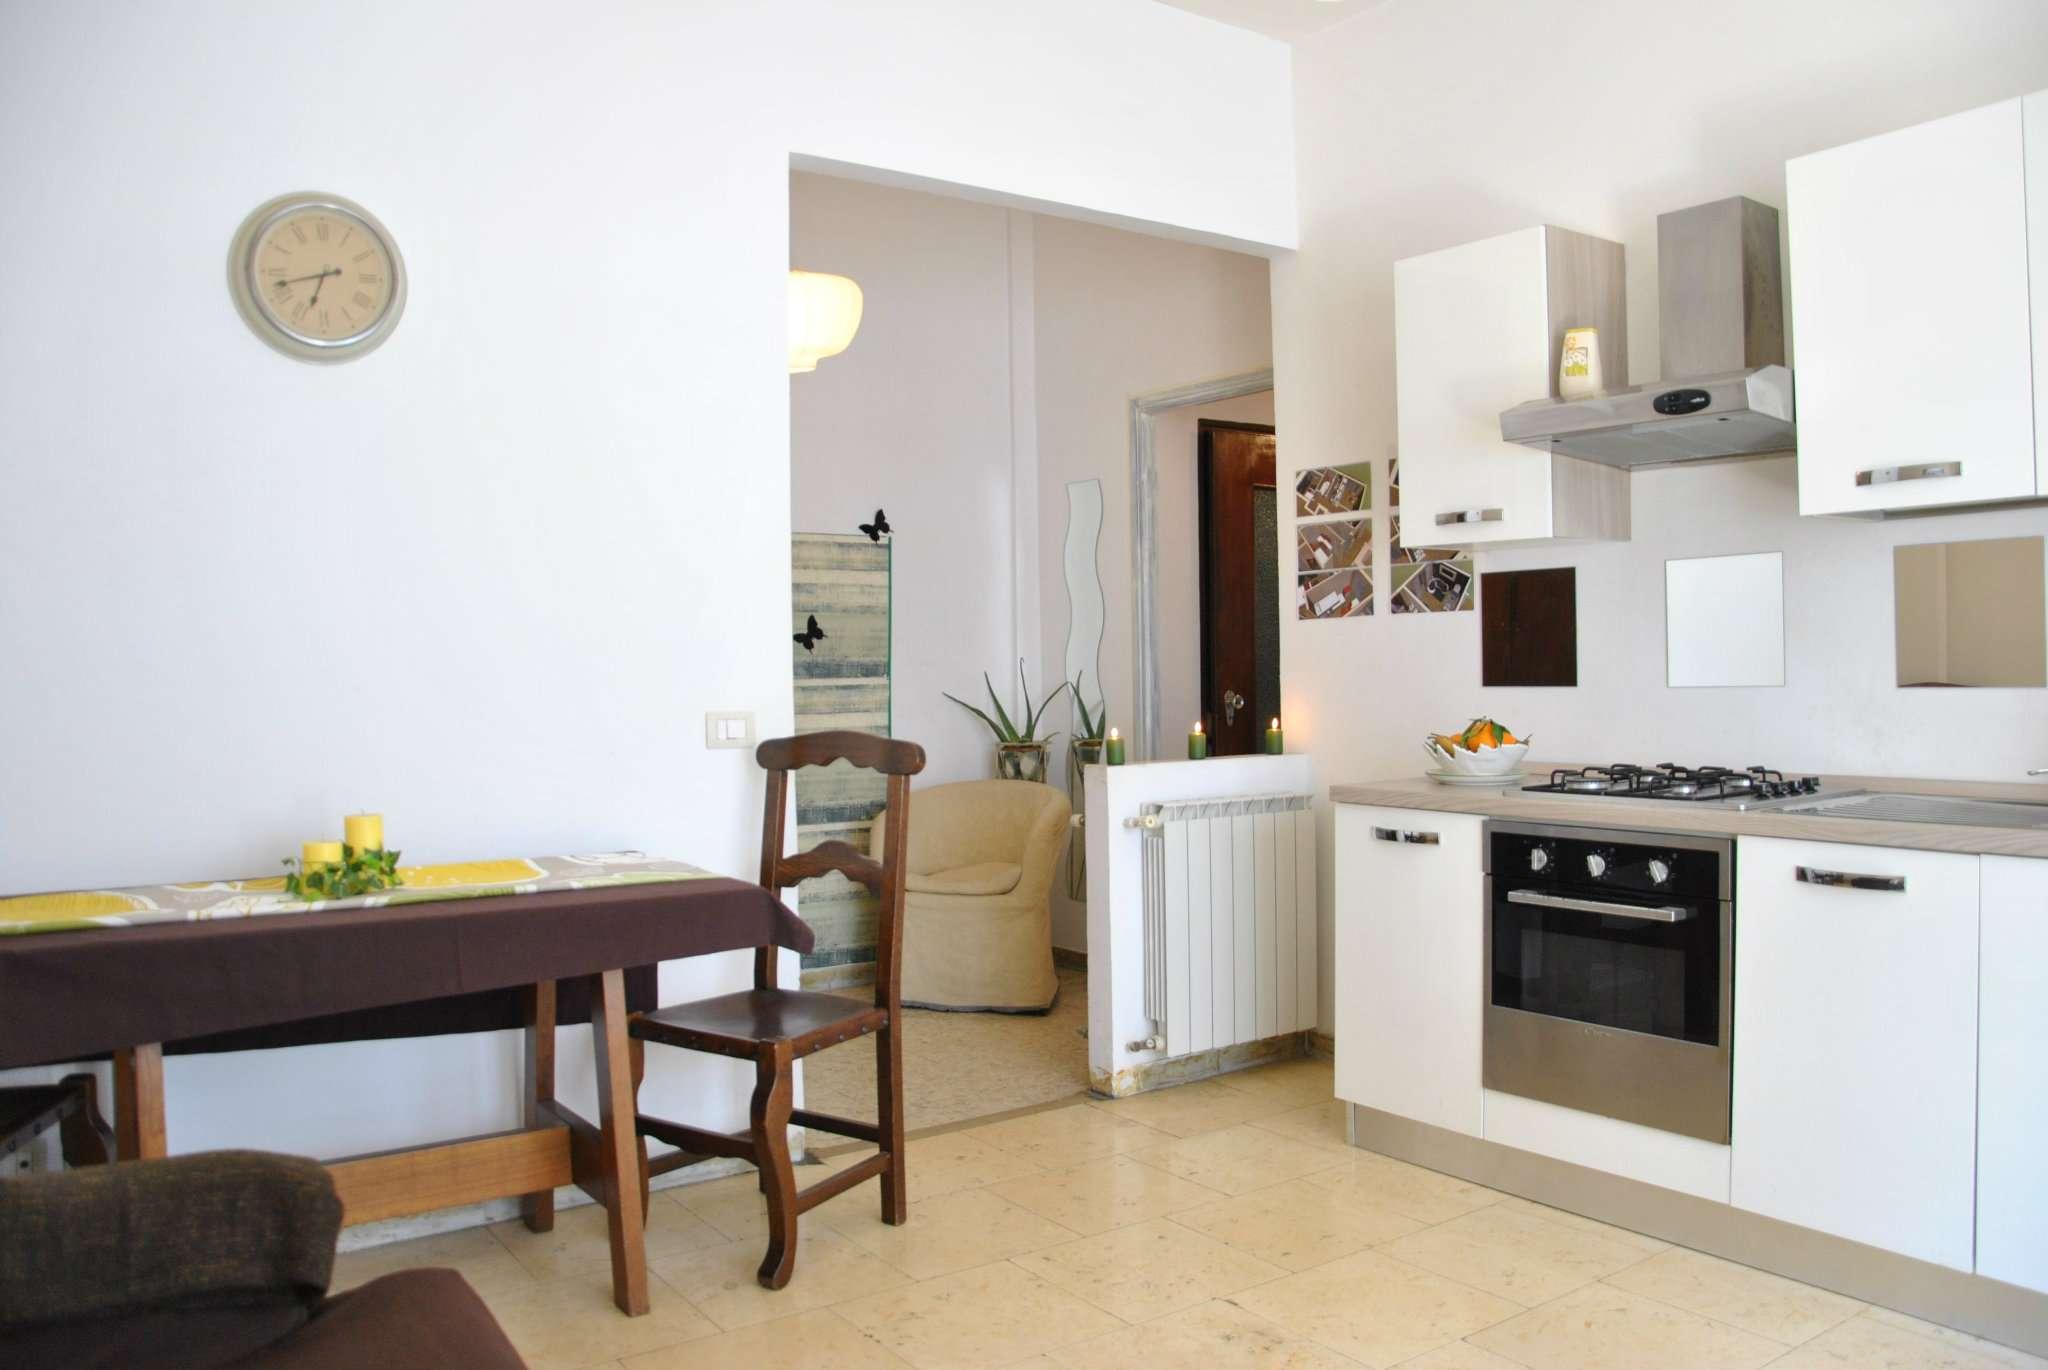 Appartamento in vendita a Roma, 3 locali, zona Zona: 9 . Prenestino, Collatino, Tor Sapienza, Torre Spaccata, Tor Tre Teste, Torre Maura, prezzo € 169.000 | CambioCasa.it